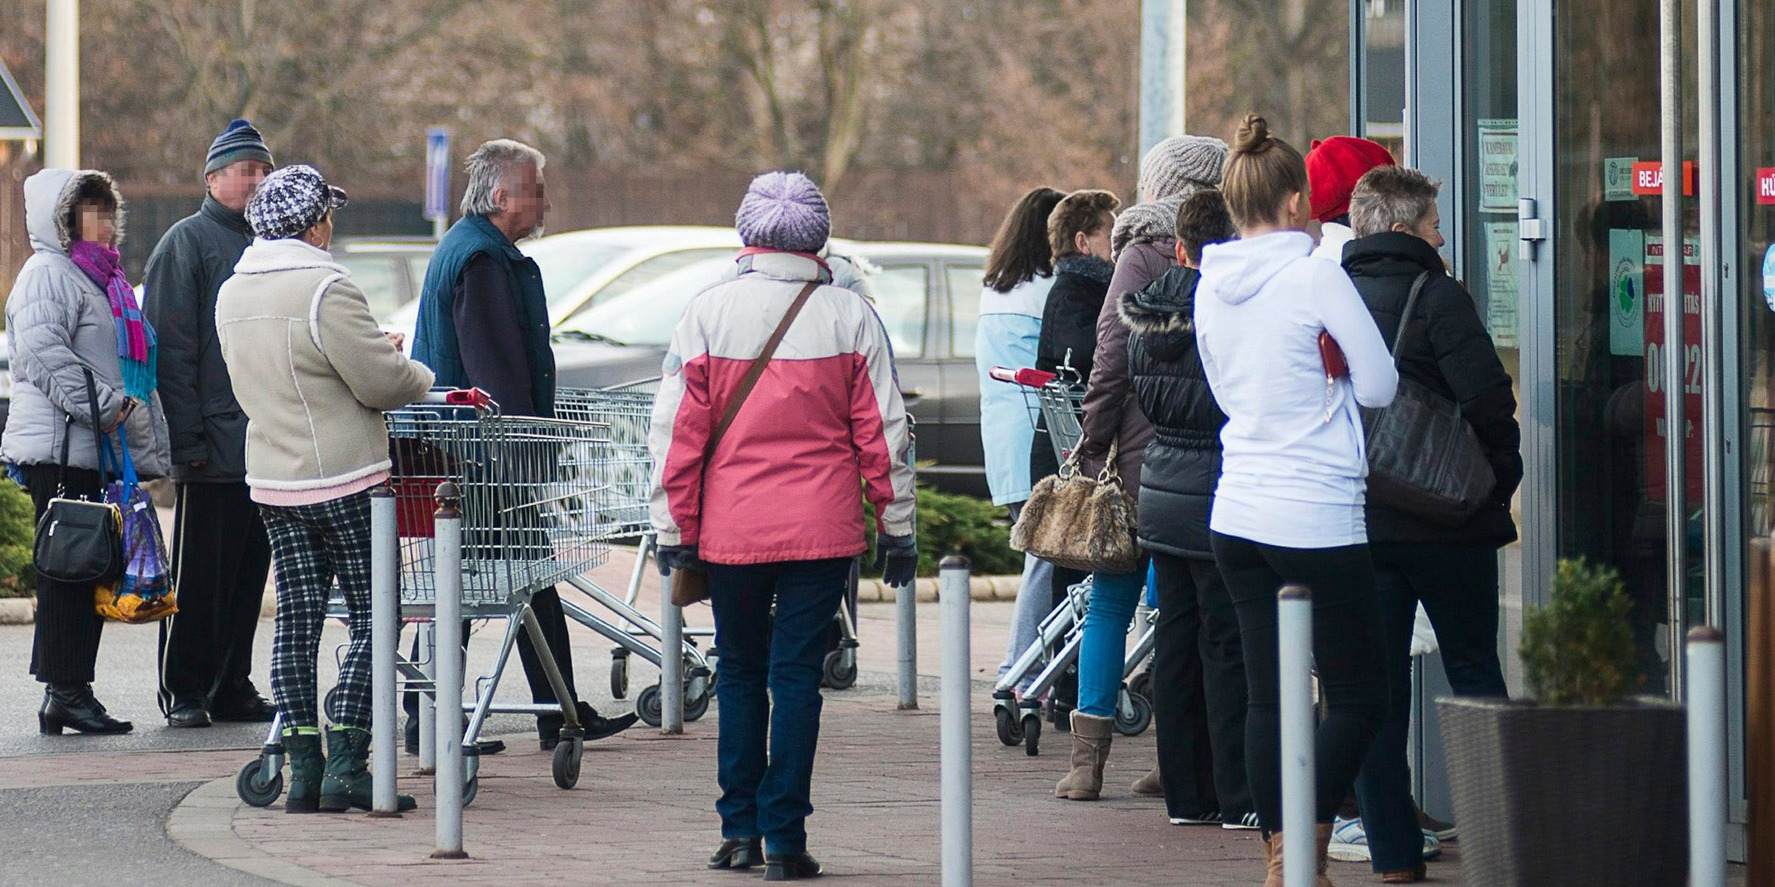 Nyíregyháza, 2014. december 7. A nyitásra váró vásárlók egy szupermarket bejárata előtt Nyíregyházán, a Korányi Frigyes úton 2014. december 7-én. Több ponton is változtatna két fideszes módosító indítvány az üzletek vasárnapi nyitva tartását korlátozó KDNP-s törvényjavaslaton. MTI Fotó: Balázs Attila